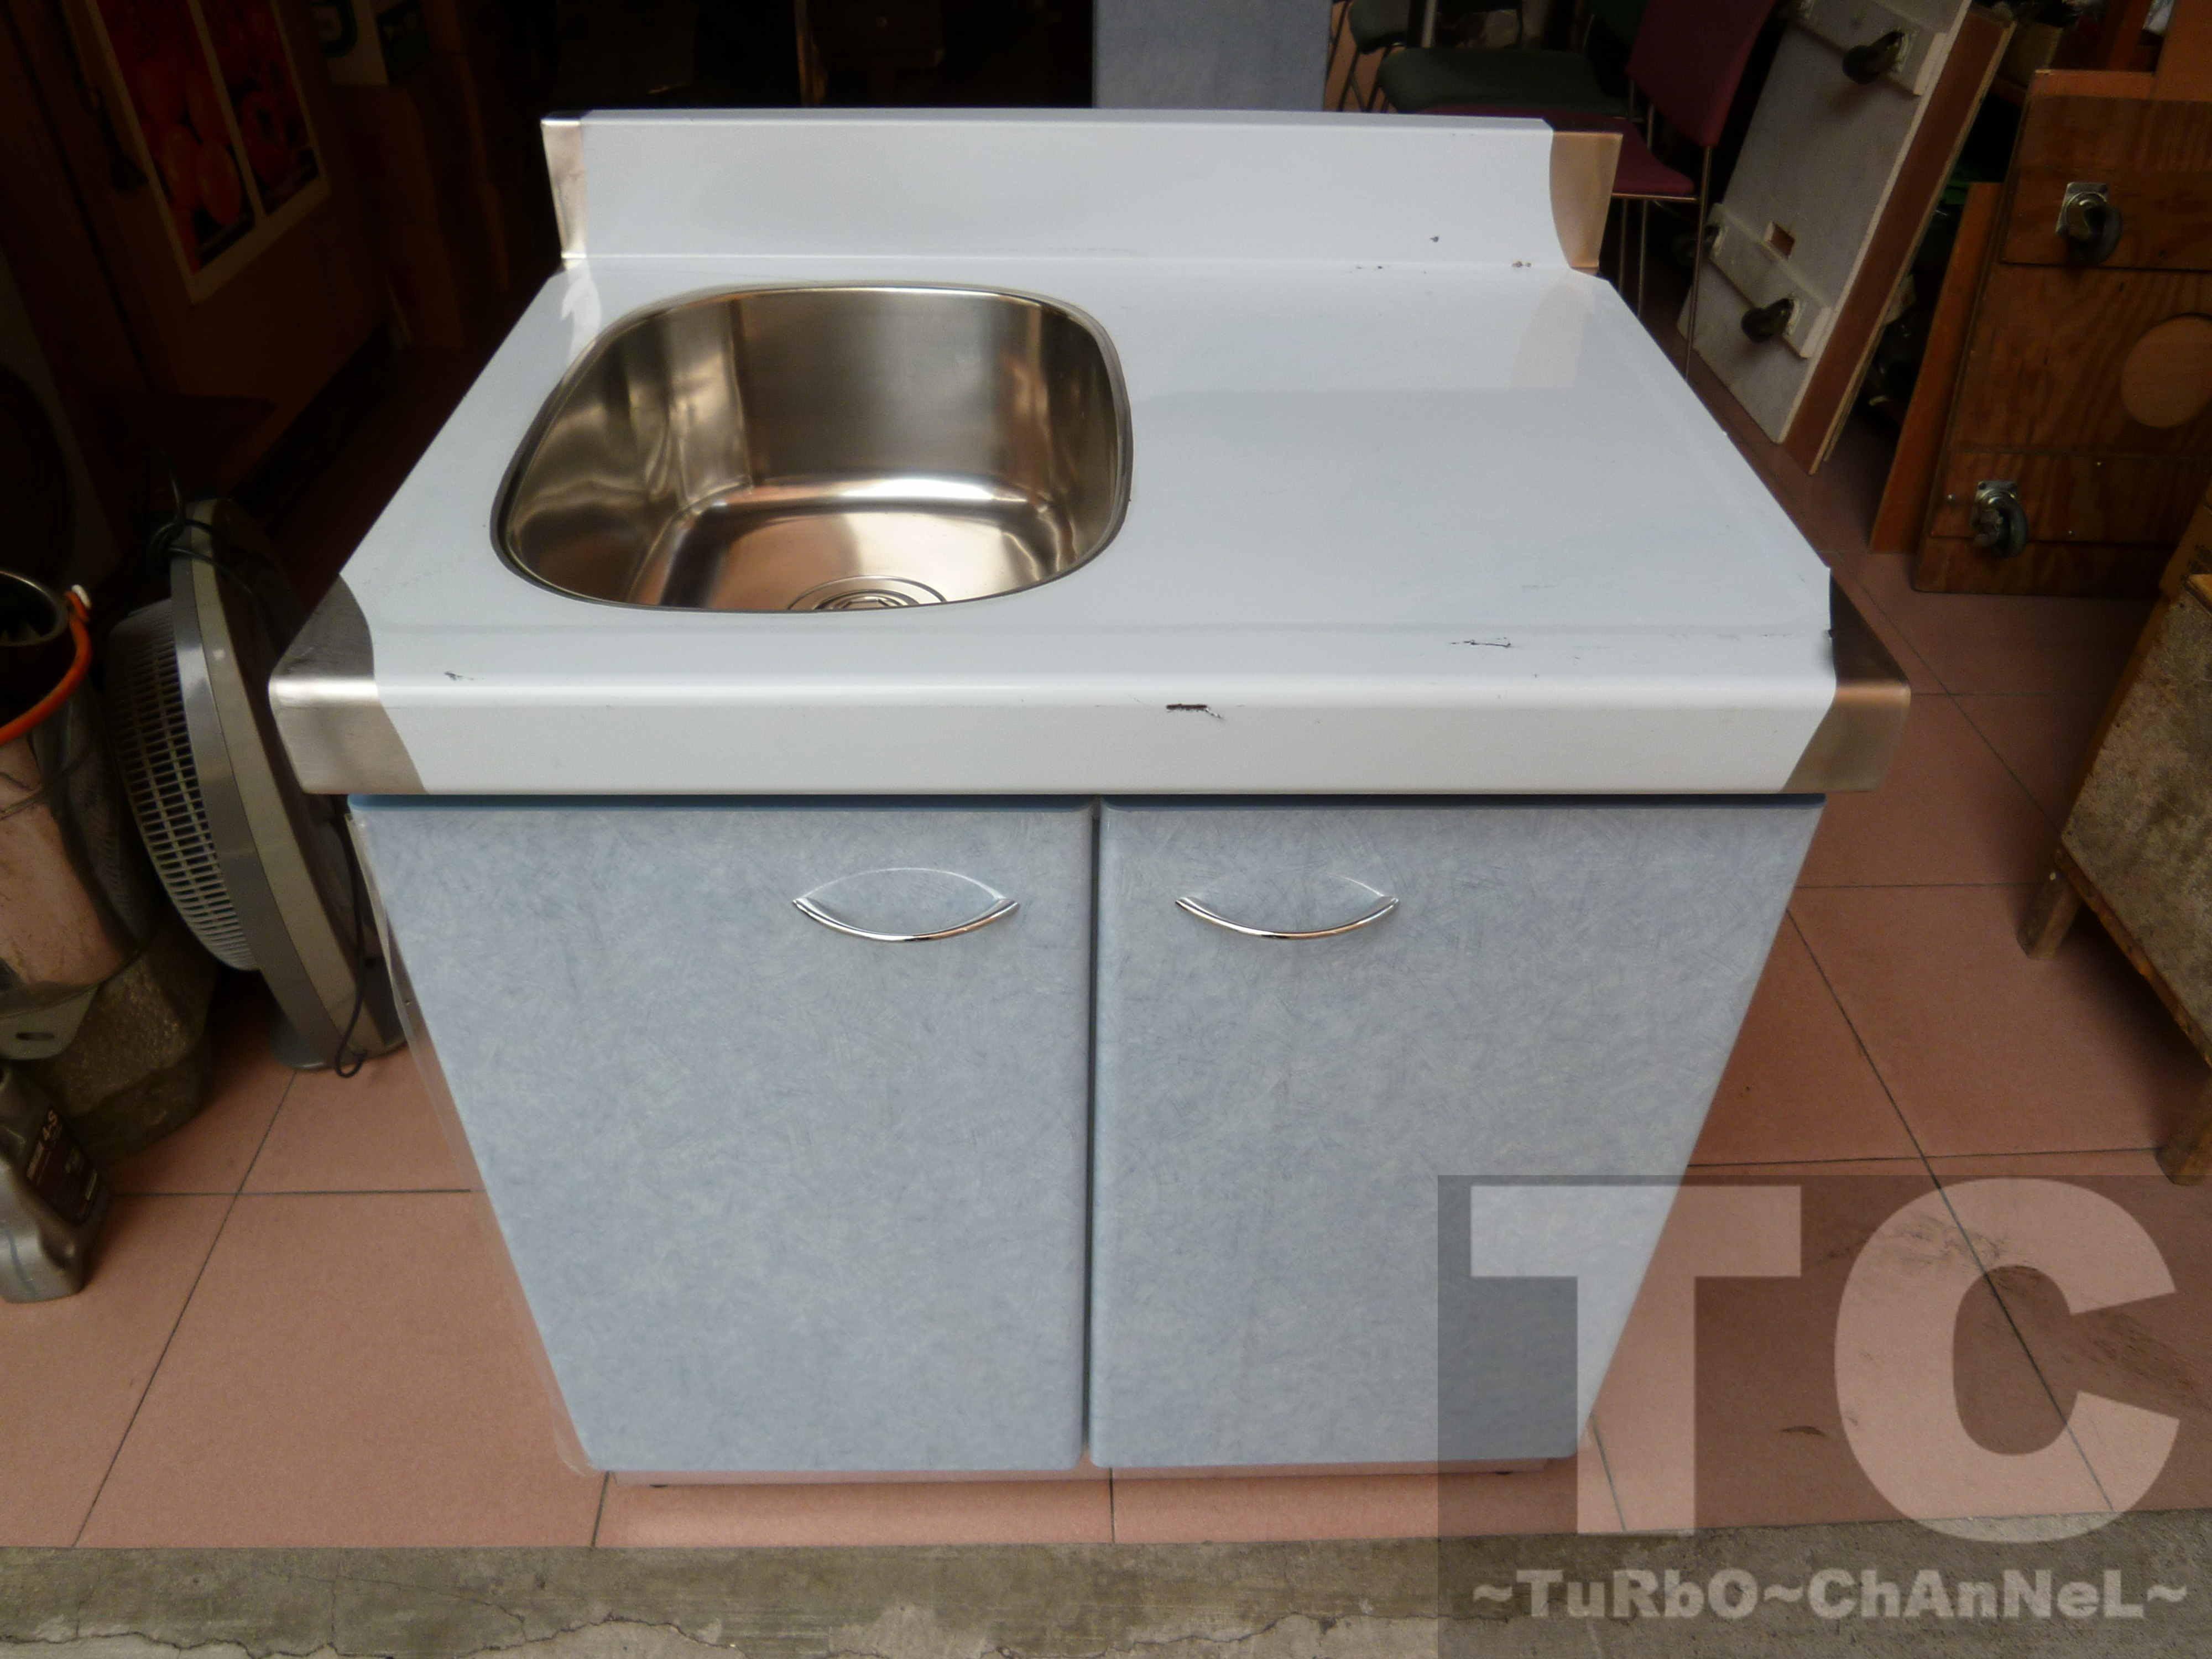 流理台【72公分洗台-左小水槽】台面&櫃體不鏽鋼 淺藍線條紋門板 最新款流理臺